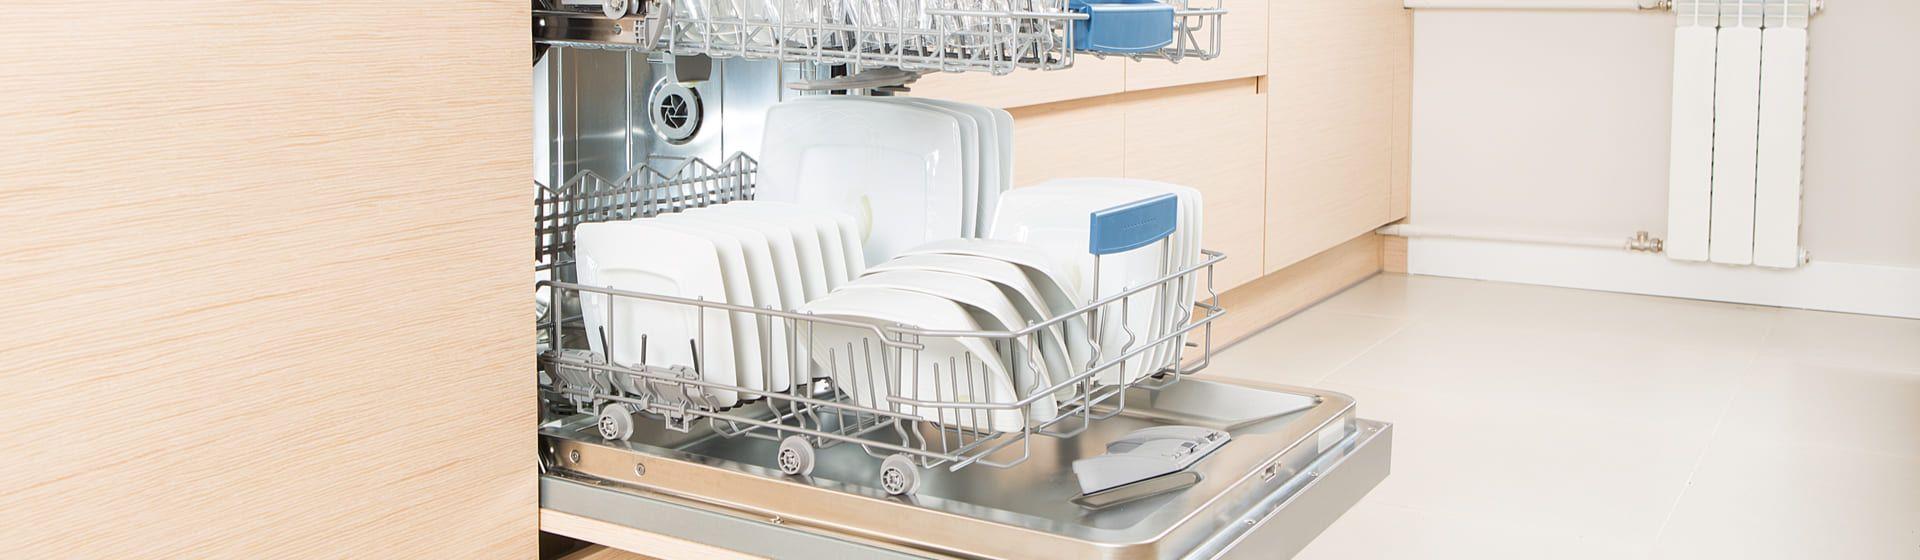 Melhor lava-louças de embutir em 2021: veja a seleção!